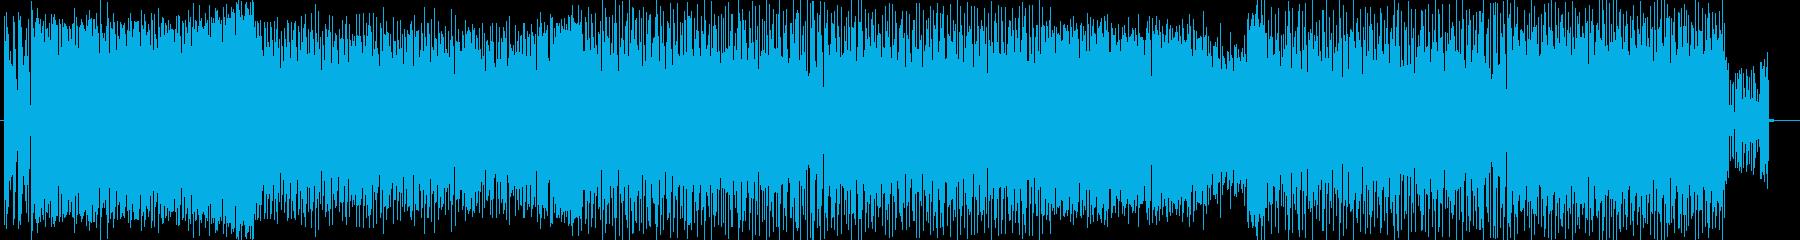 スピーディーで近未来なユーロビートの再生済みの波形